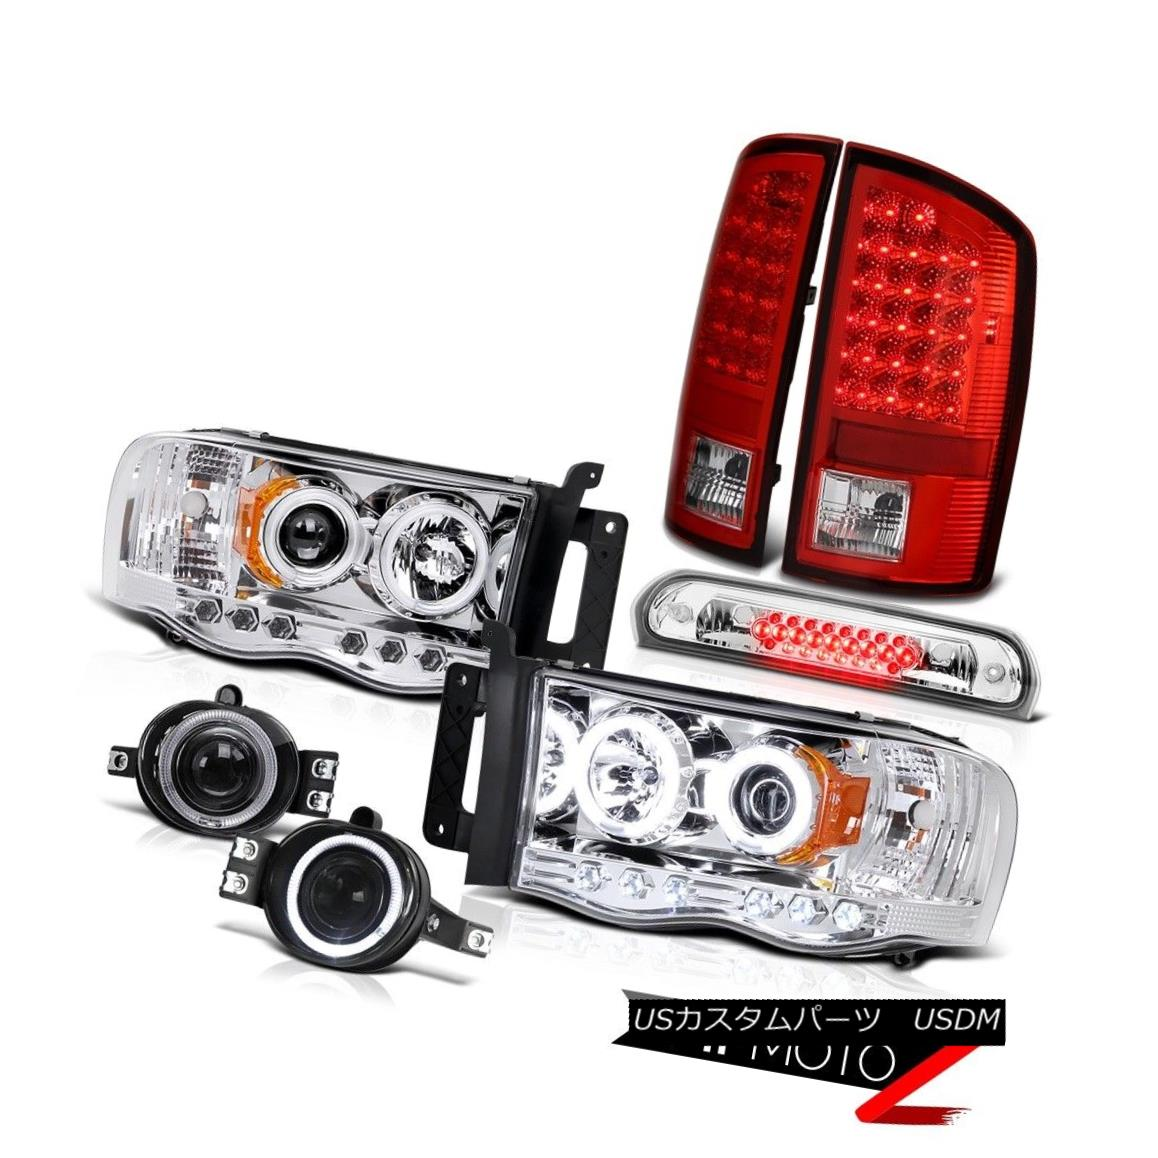 テールライト 2002-2005 Ram 1500 Headlights CCFL Angel Eye LED Signal Tail Lamps Fog Euro 3rd 2002-2005 Ram 1500ヘッドライトCCFLエンジェルアイLEDシグナルテールランプフォグユーロ3